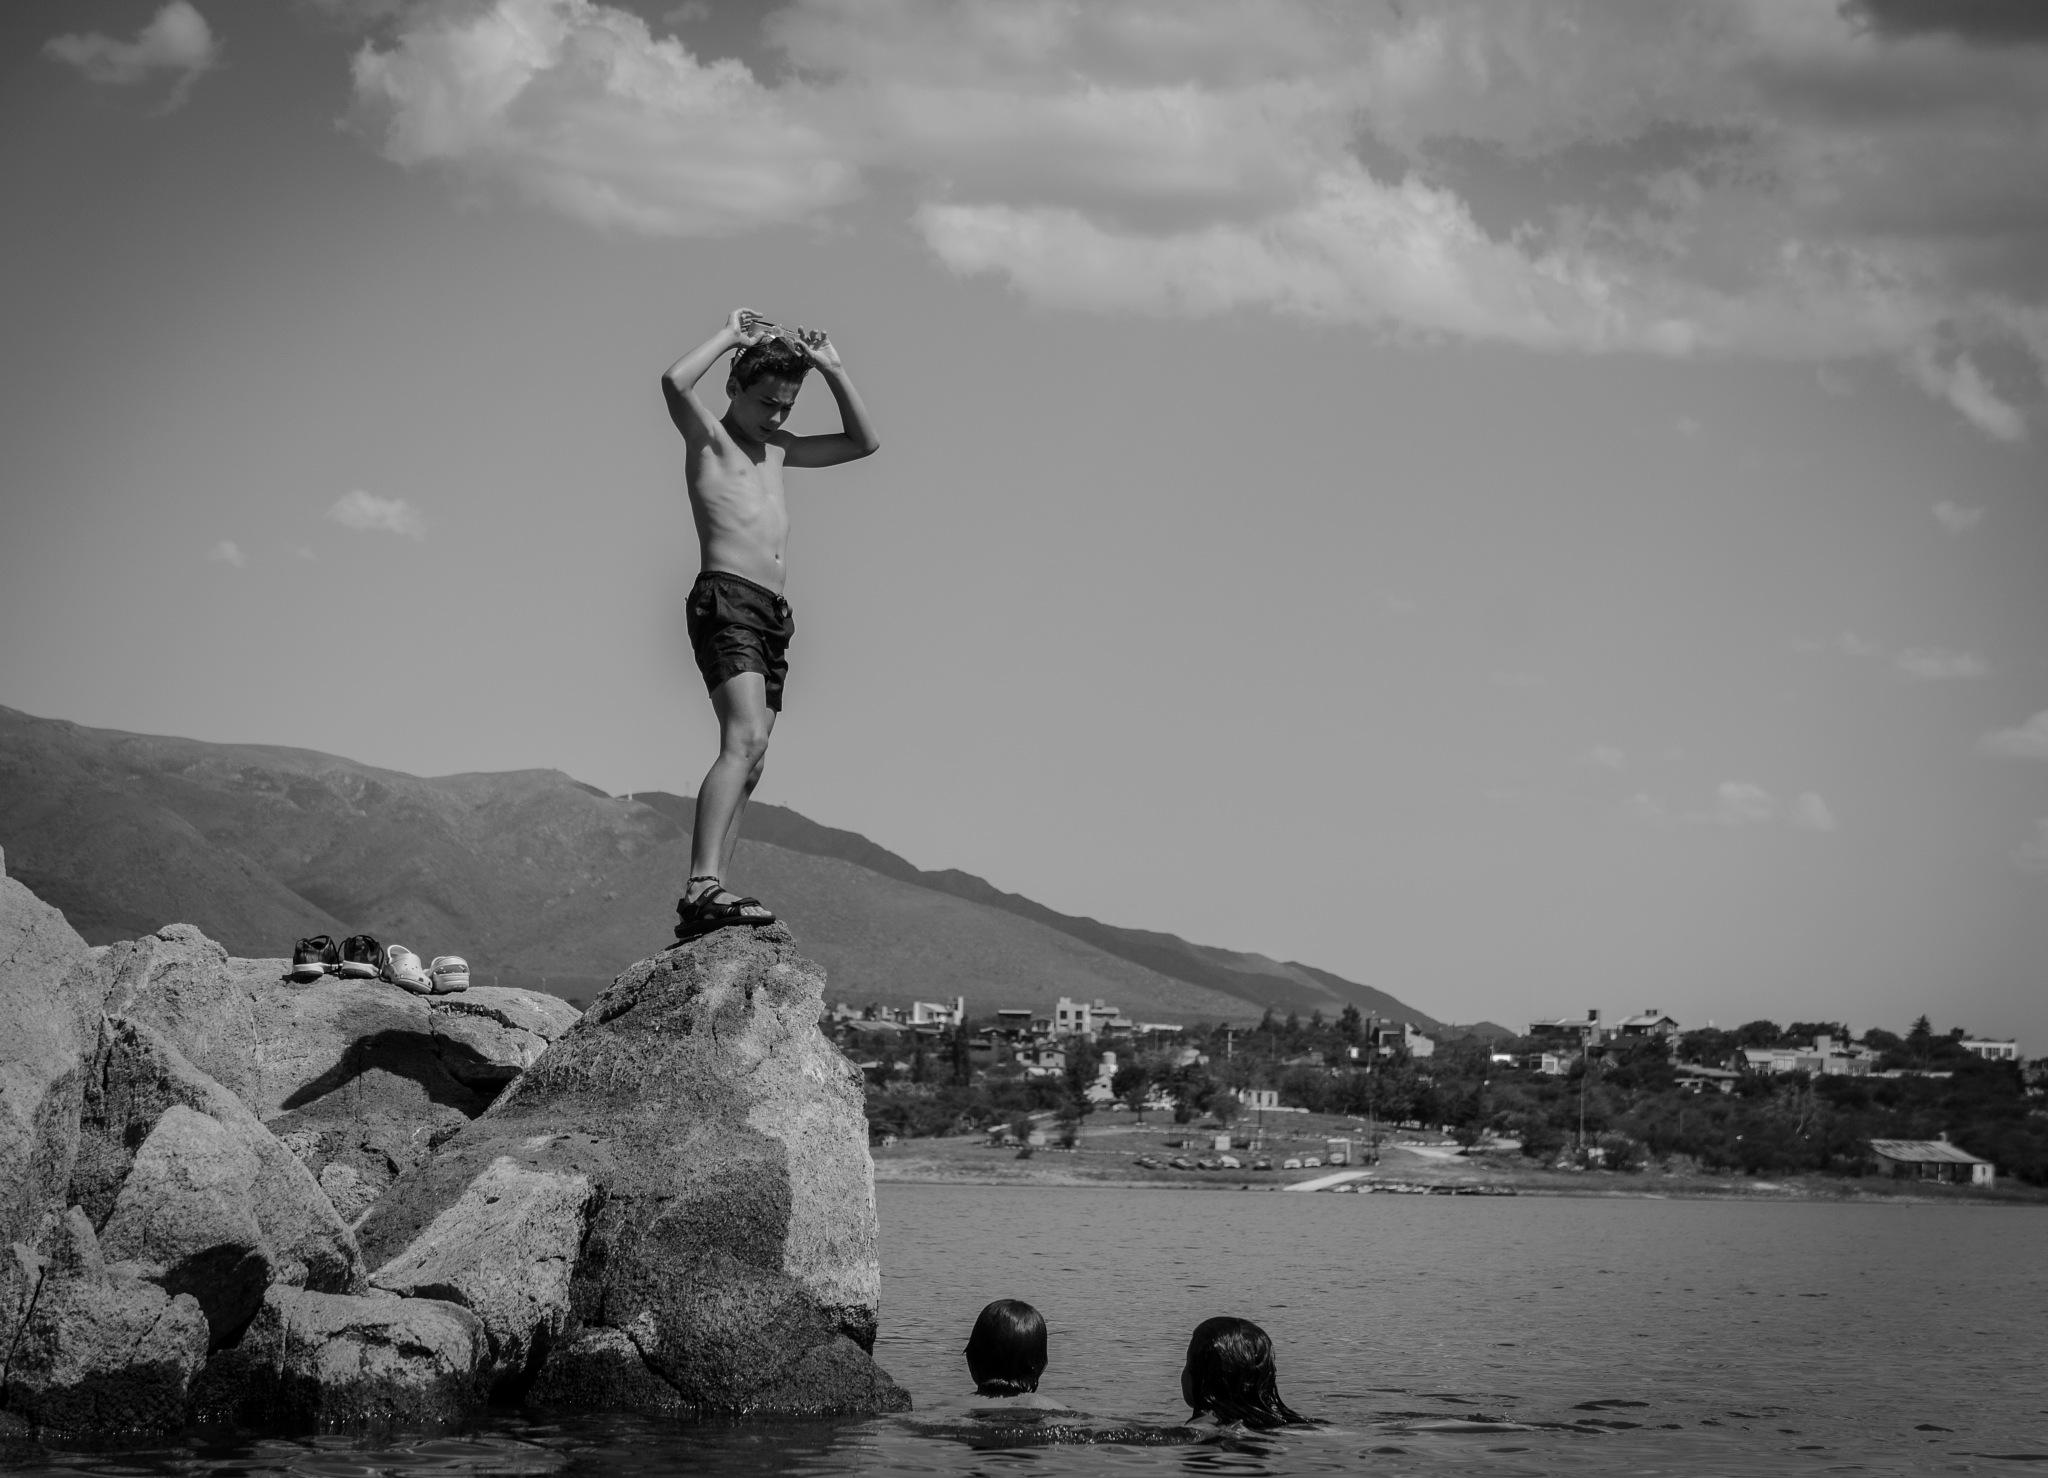 Fun at the lake by Juan Manuel Fernandez